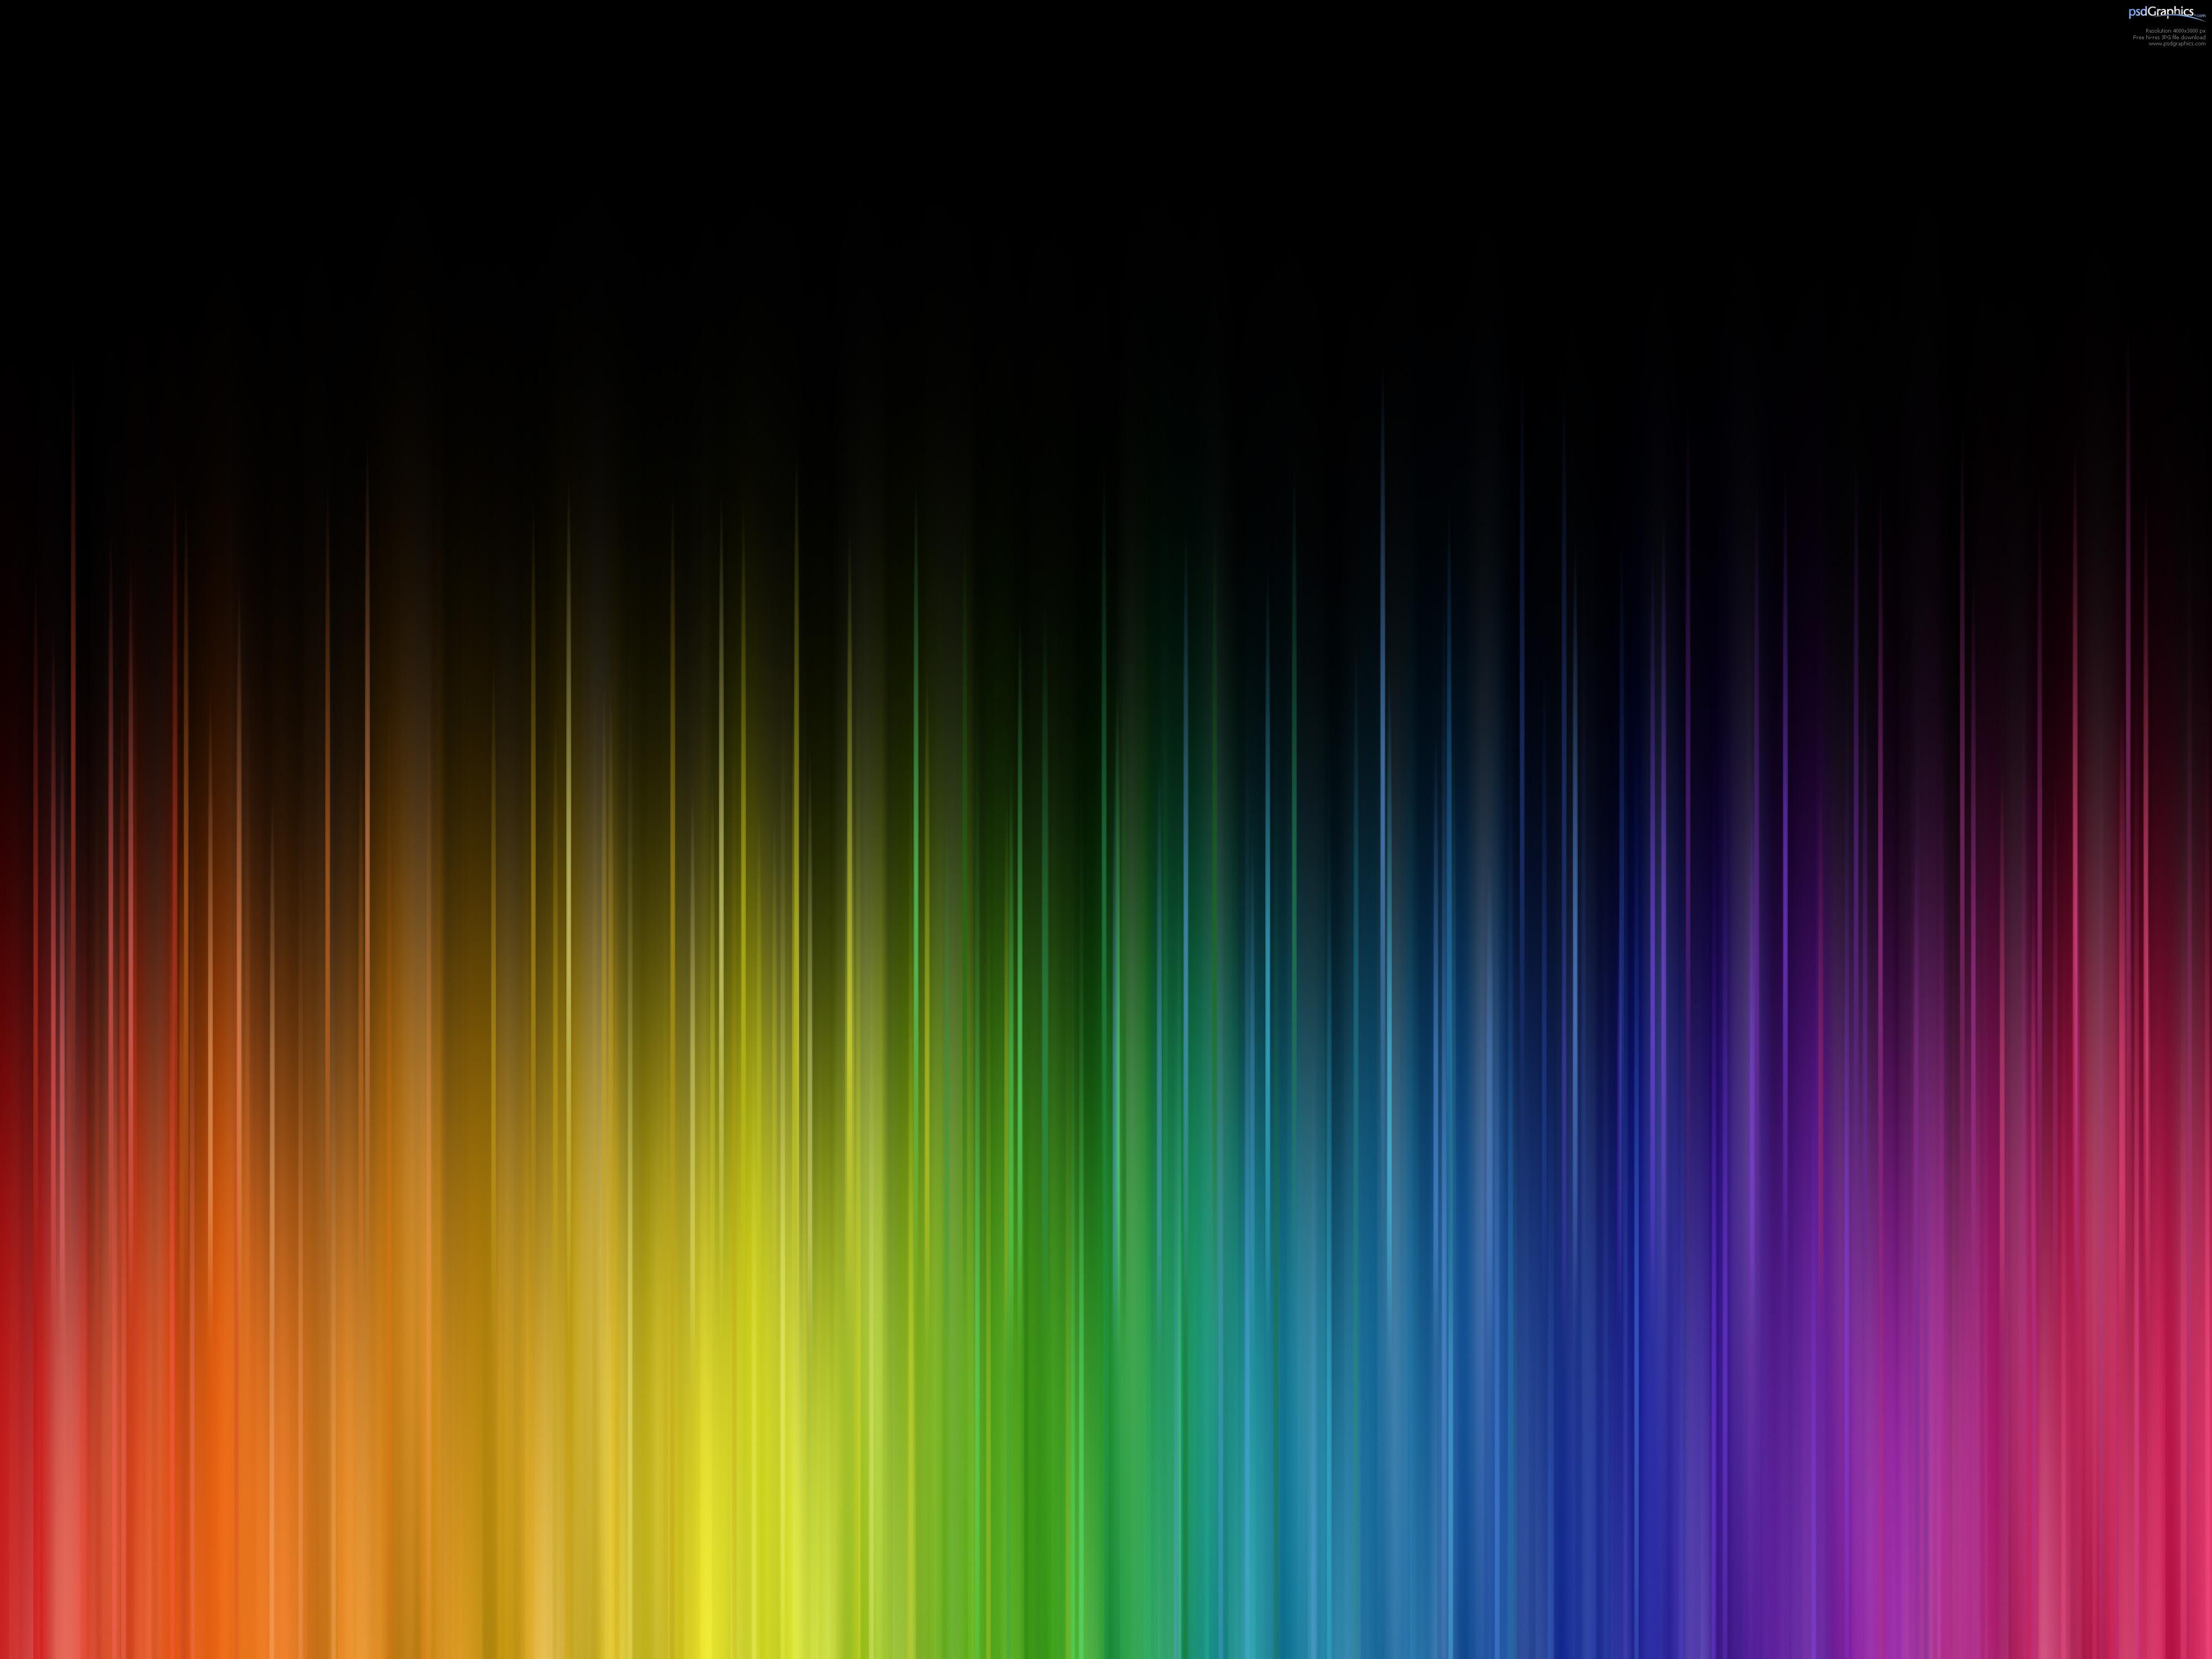 радужный фон, радуга, скачать фото, обои на рабочий стол, rainbow wallpaper